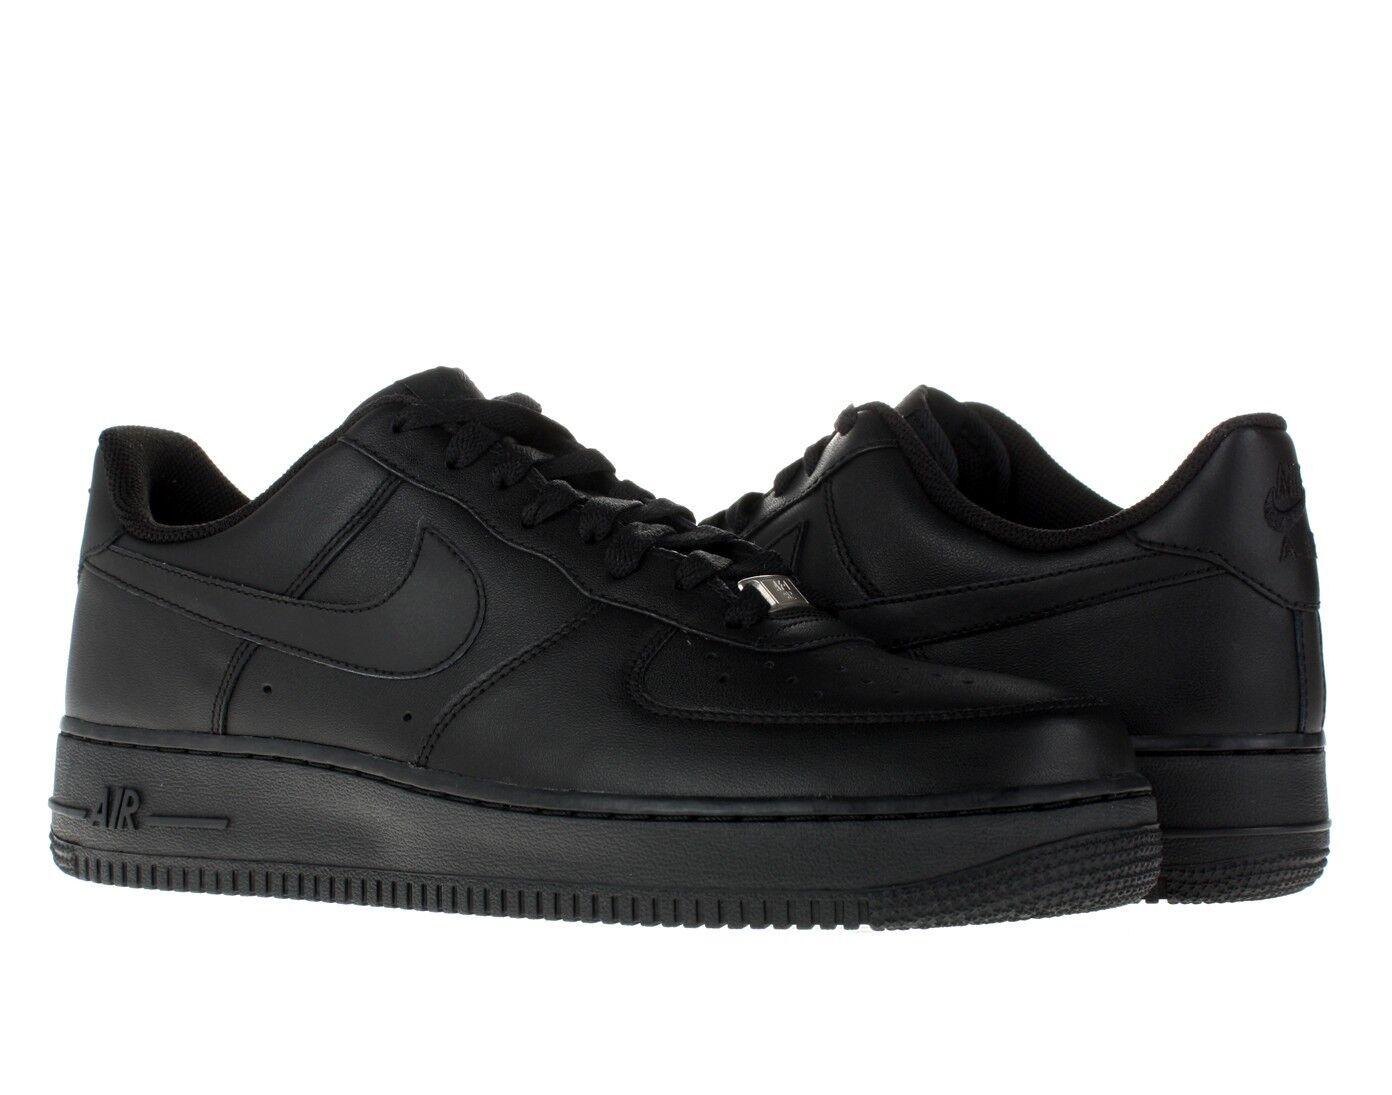 Nike Air Hombres Force 1 One 07' Hombres Air Zapatos Zapatillas De Cuero Bajas todos Talle 315122-001 Negro b52d0c